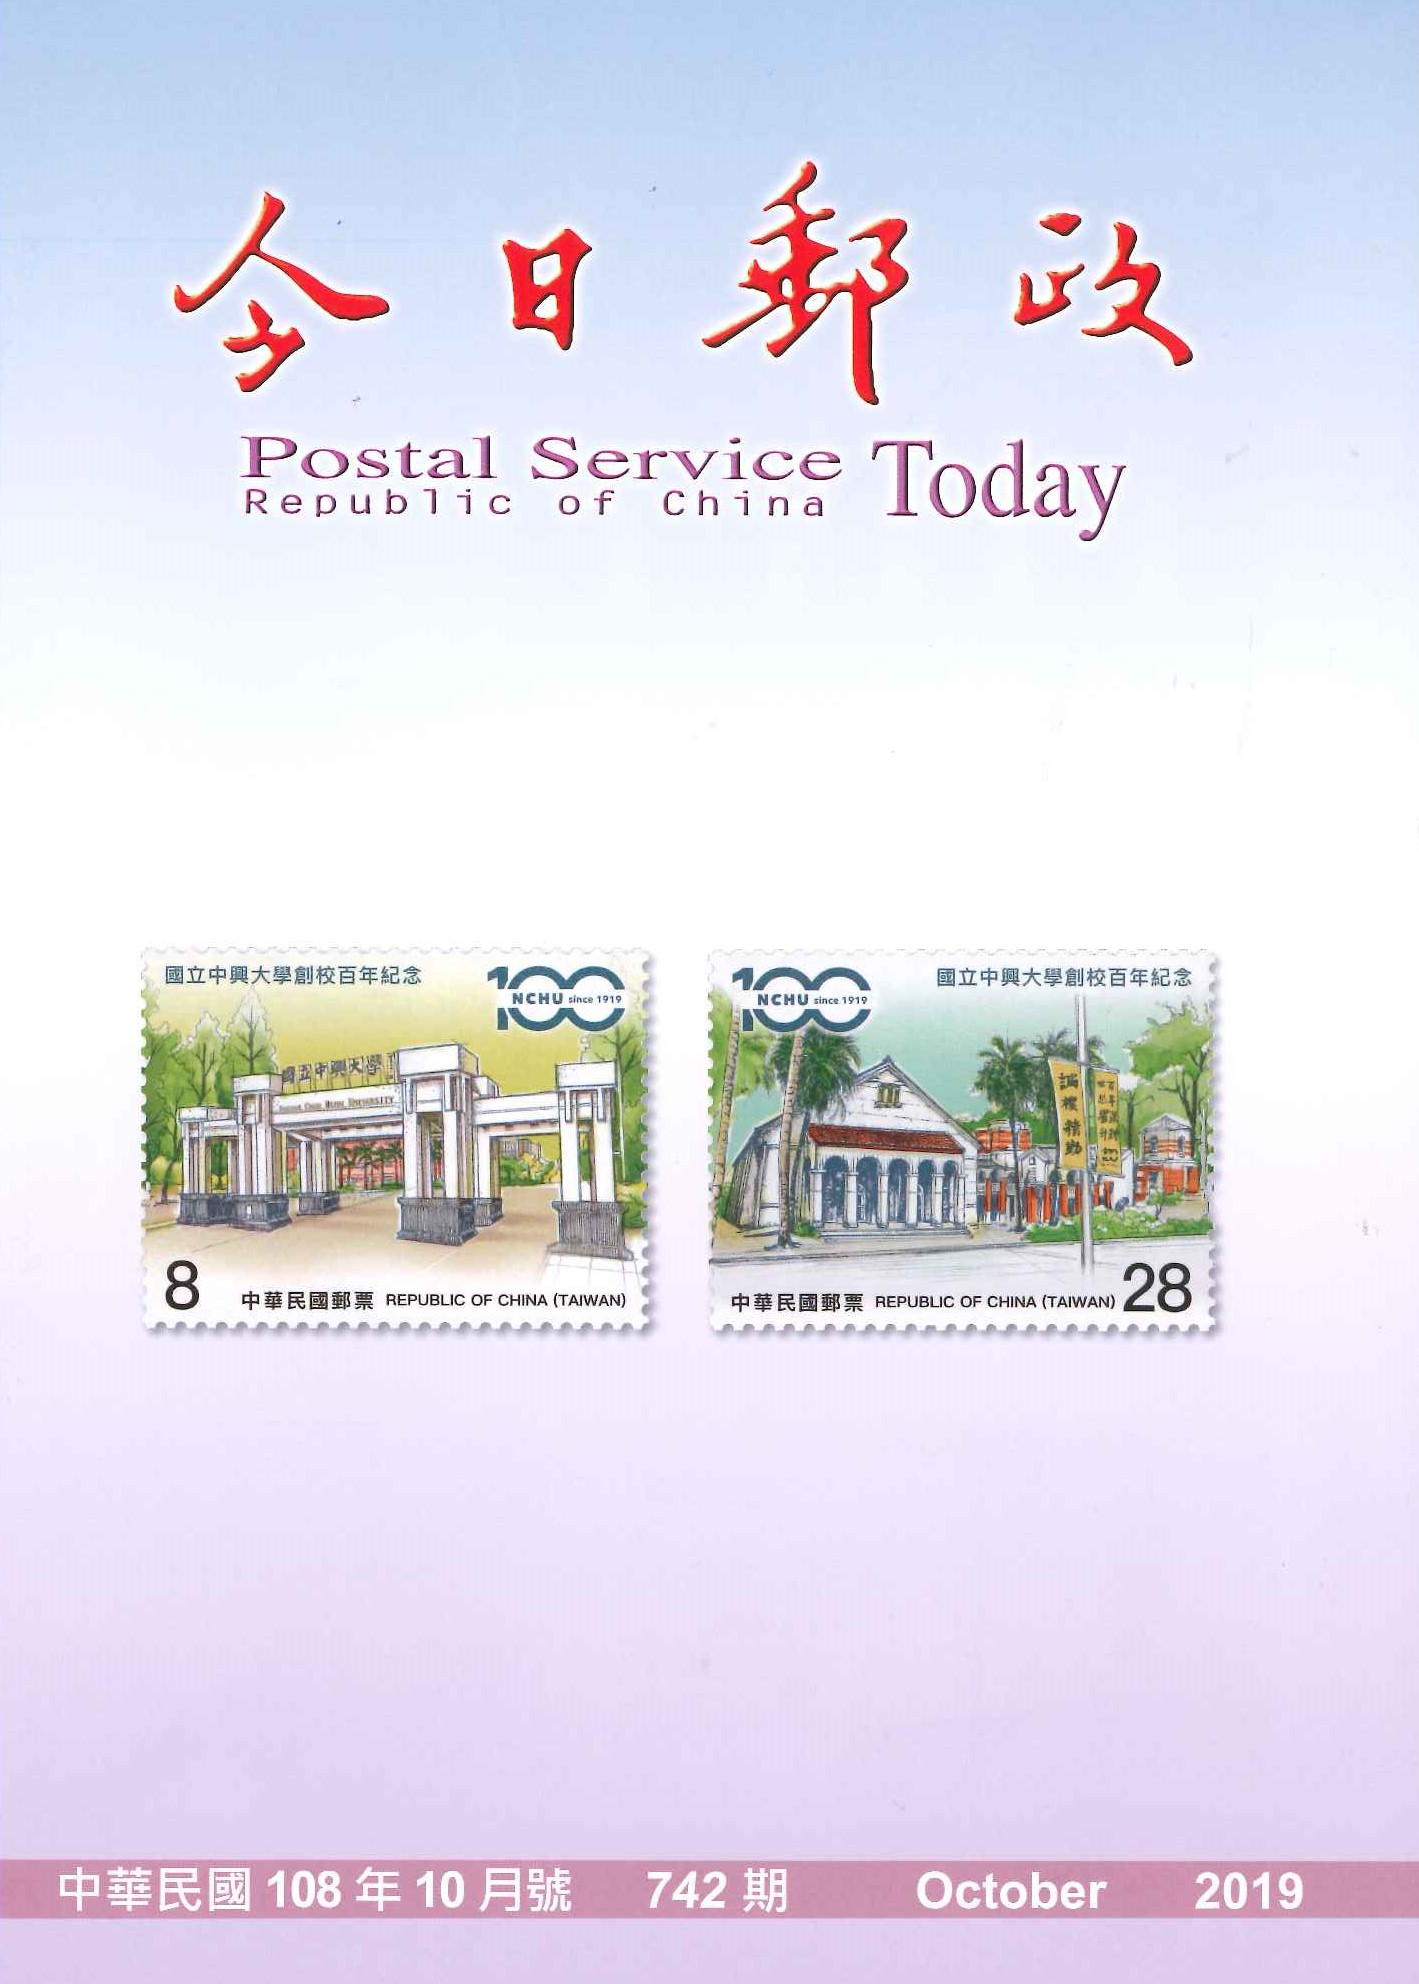 今日郵政第742期(10810)